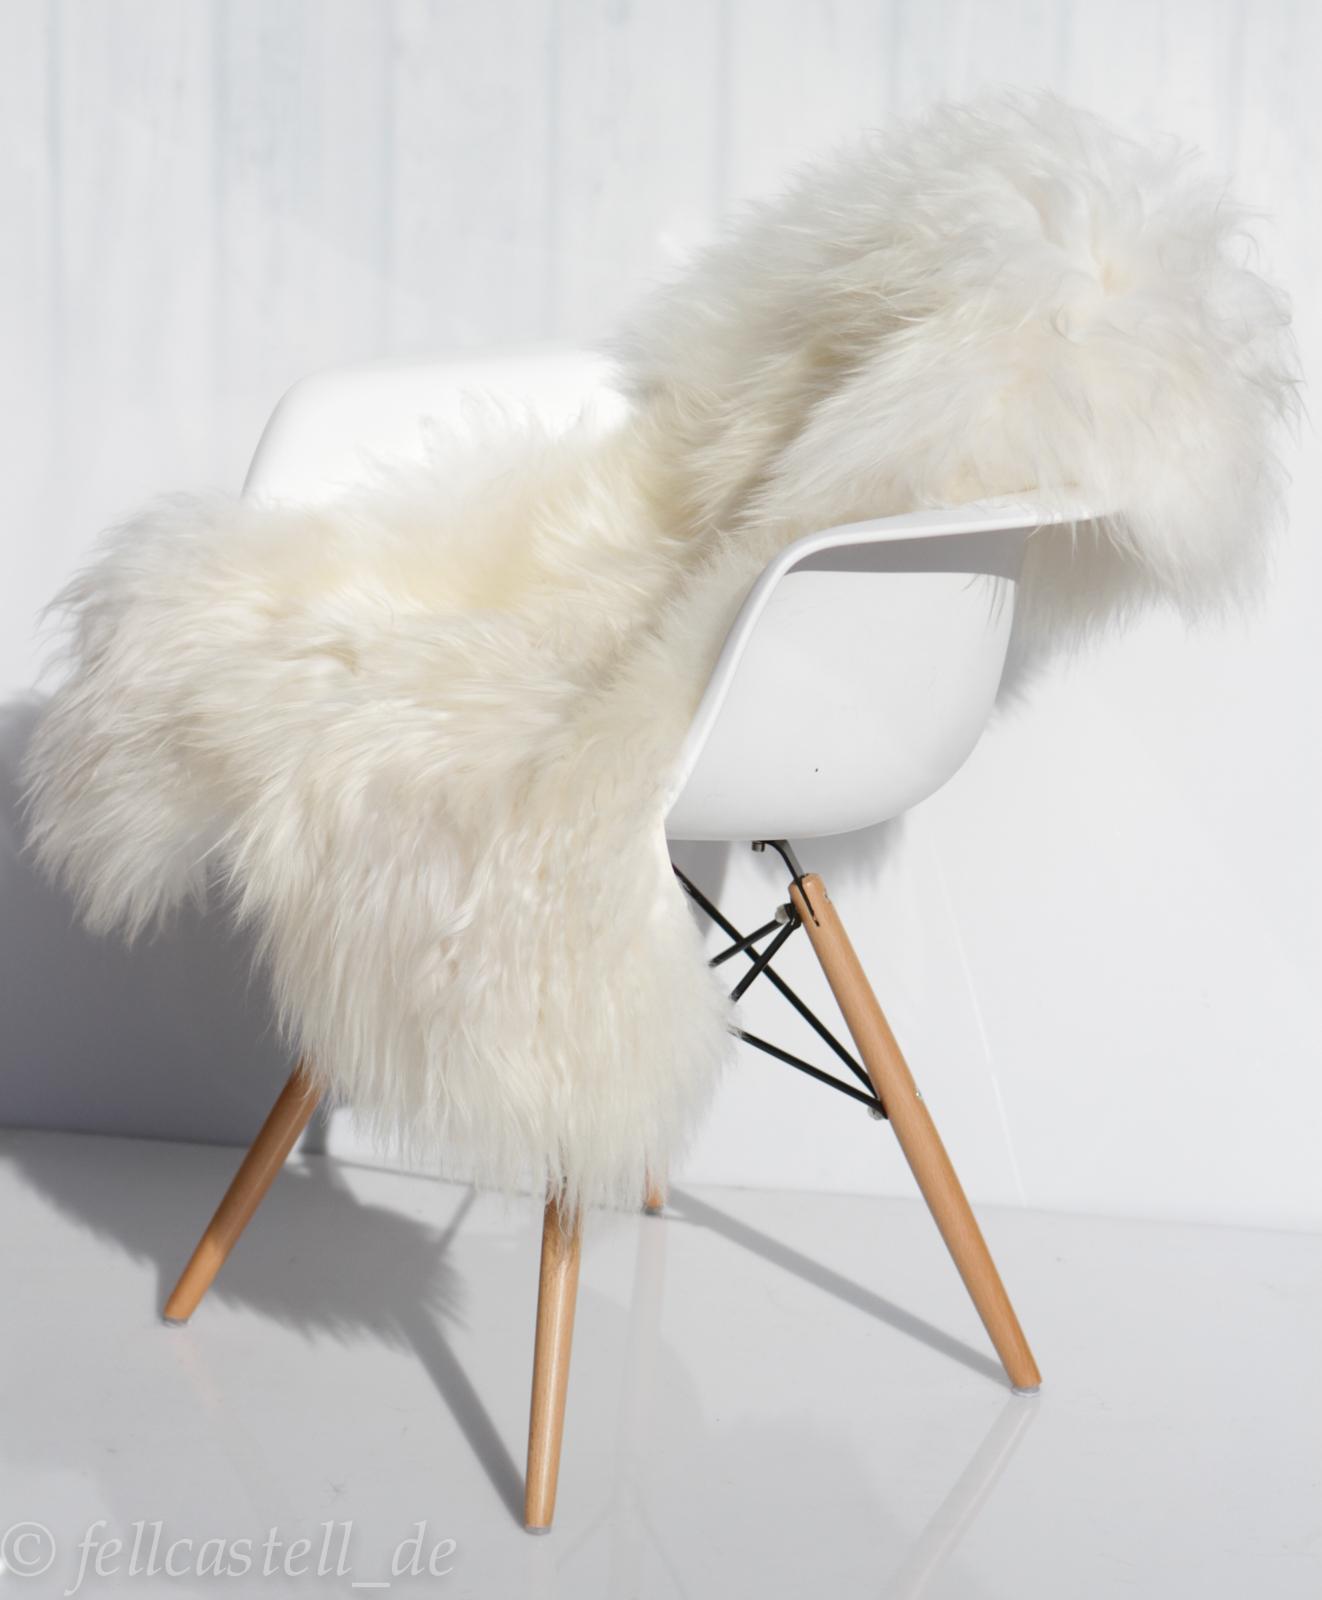 island schaffell naturwei ungef rbt 95 cm island lammfell langer flor lammfell schaffell shop. Black Bedroom Furniture Sets. Home Design Ideas